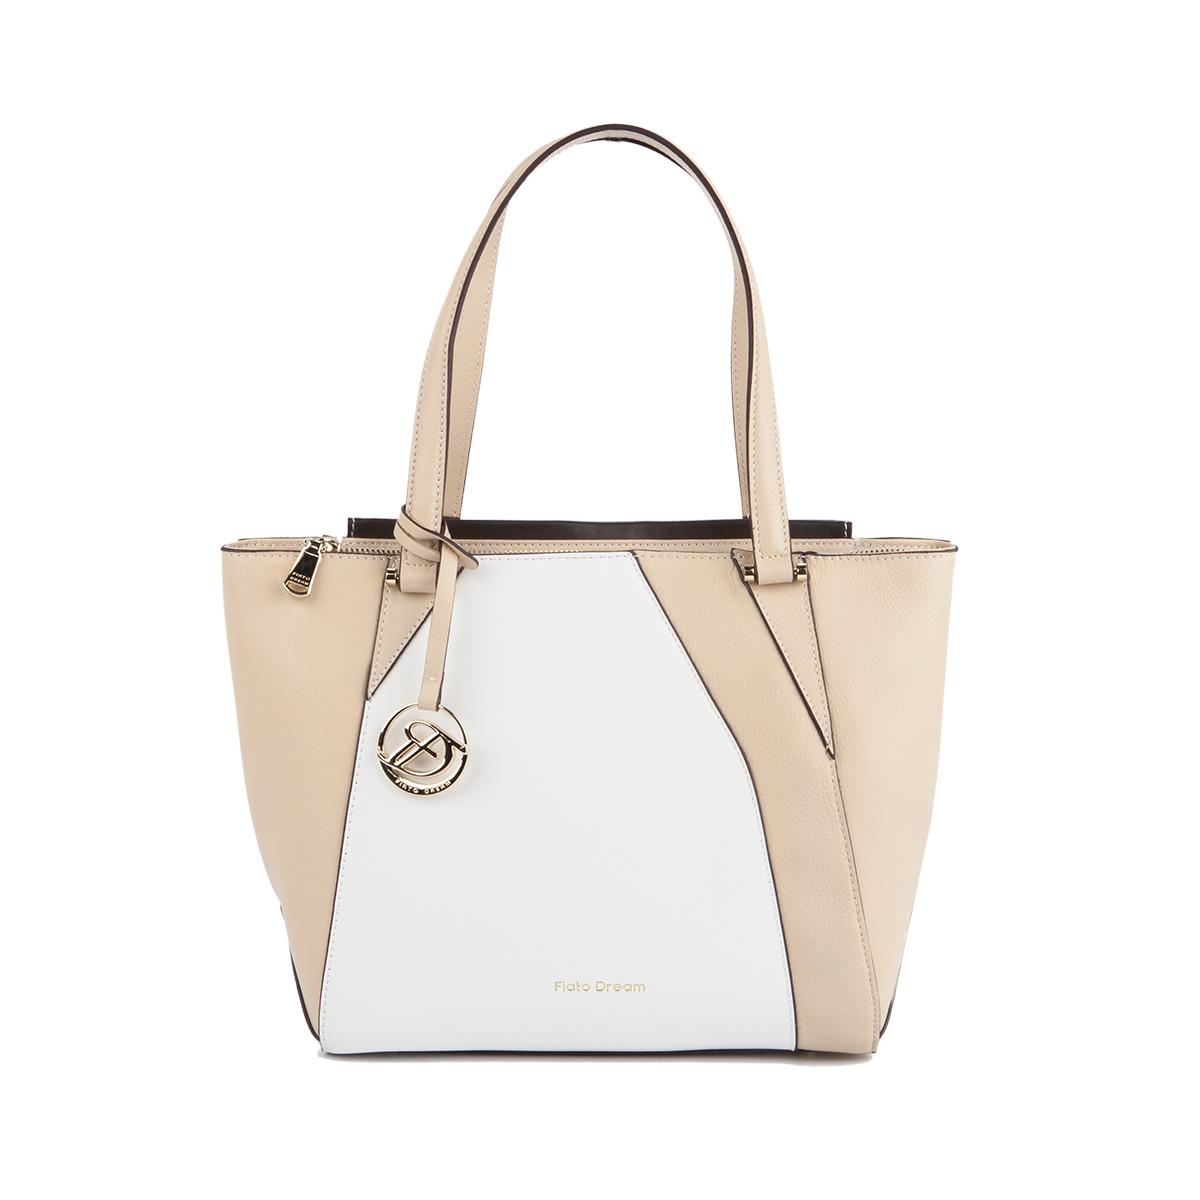 2022 FD кожа белый /бежевый/коричневый (сумка женская)